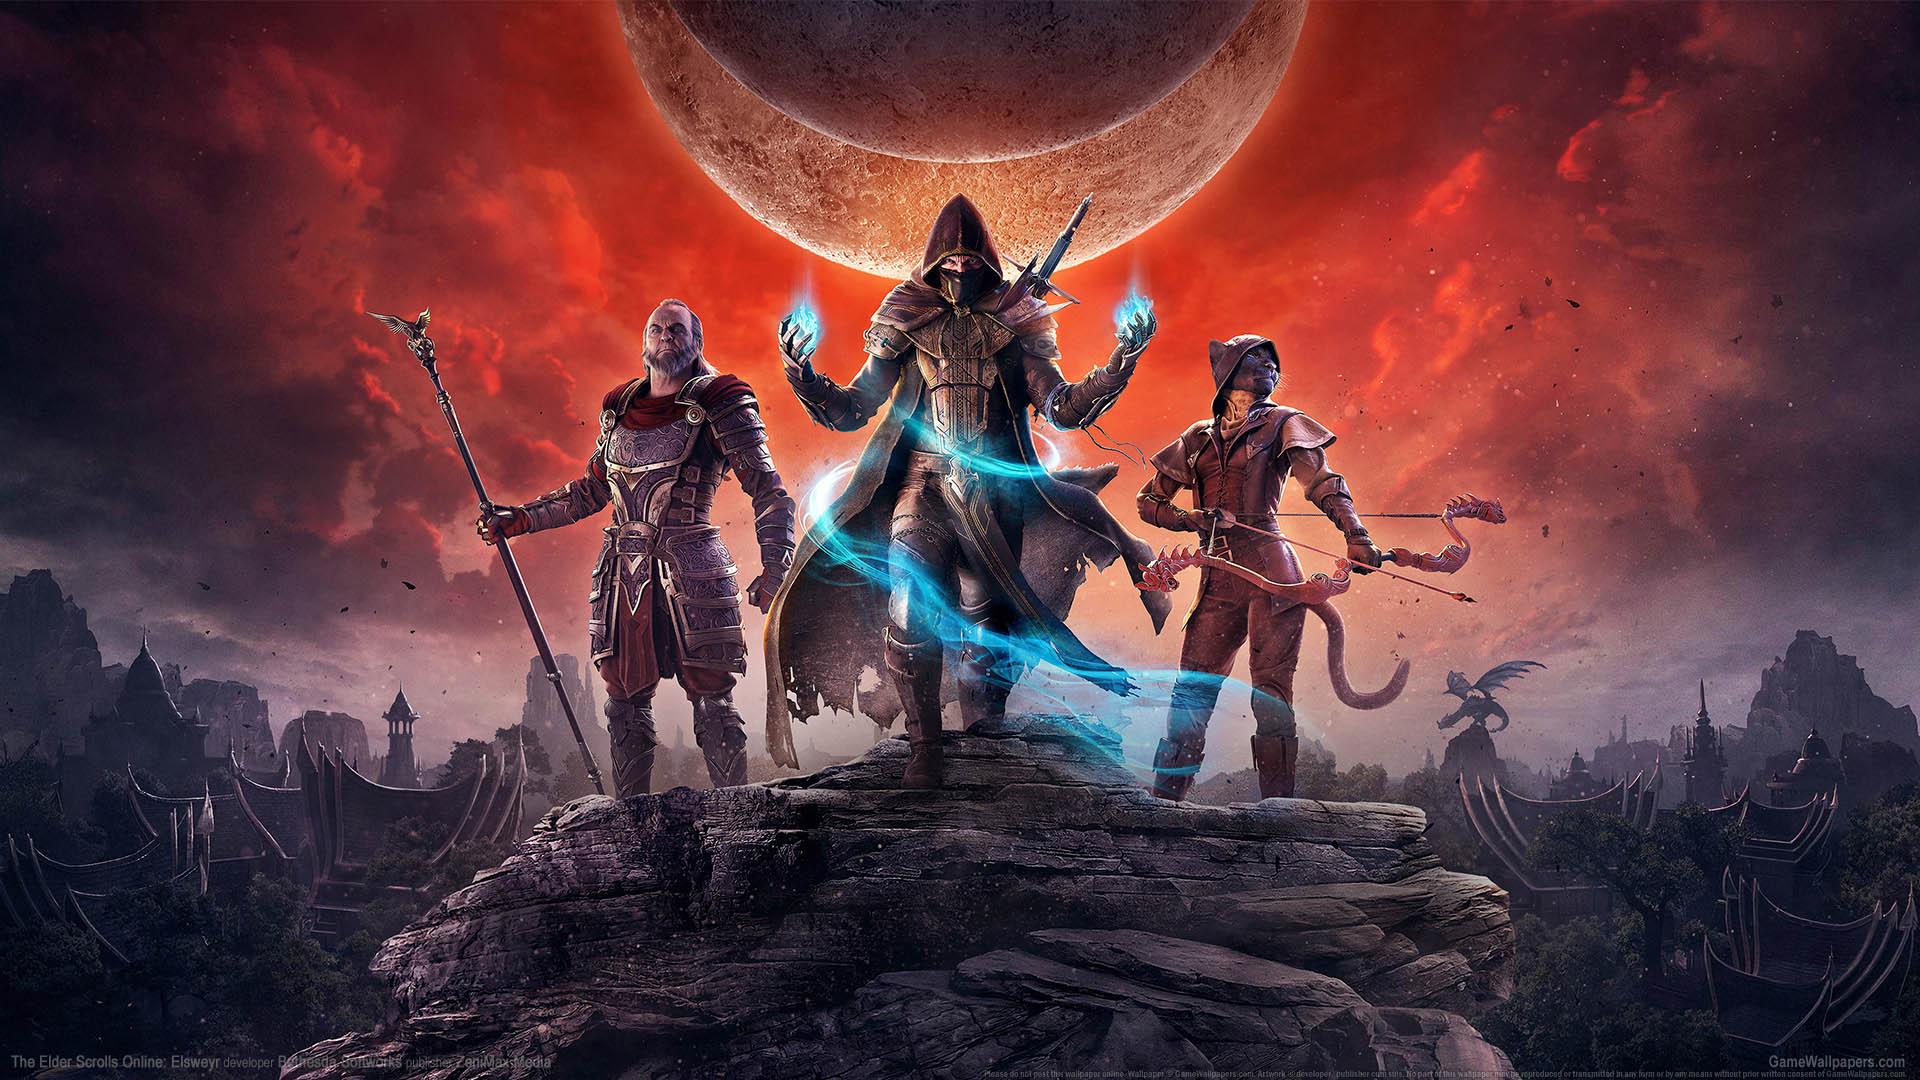 The Elder Scrolls Online Elsweyr Fondo De Escritorio 02